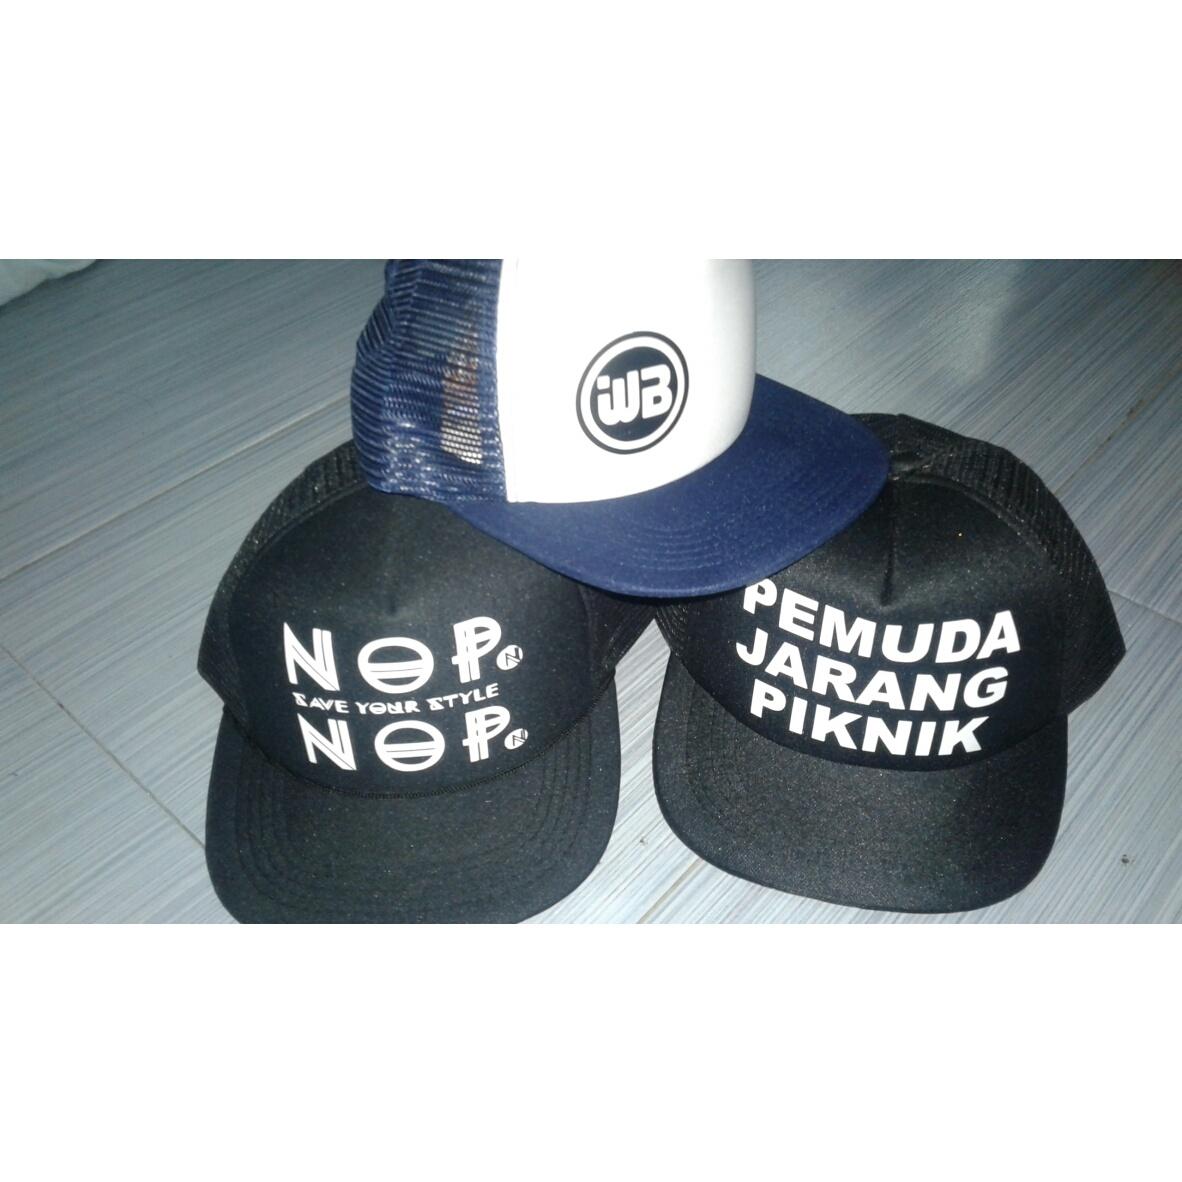 Neo Idr: Shop Online